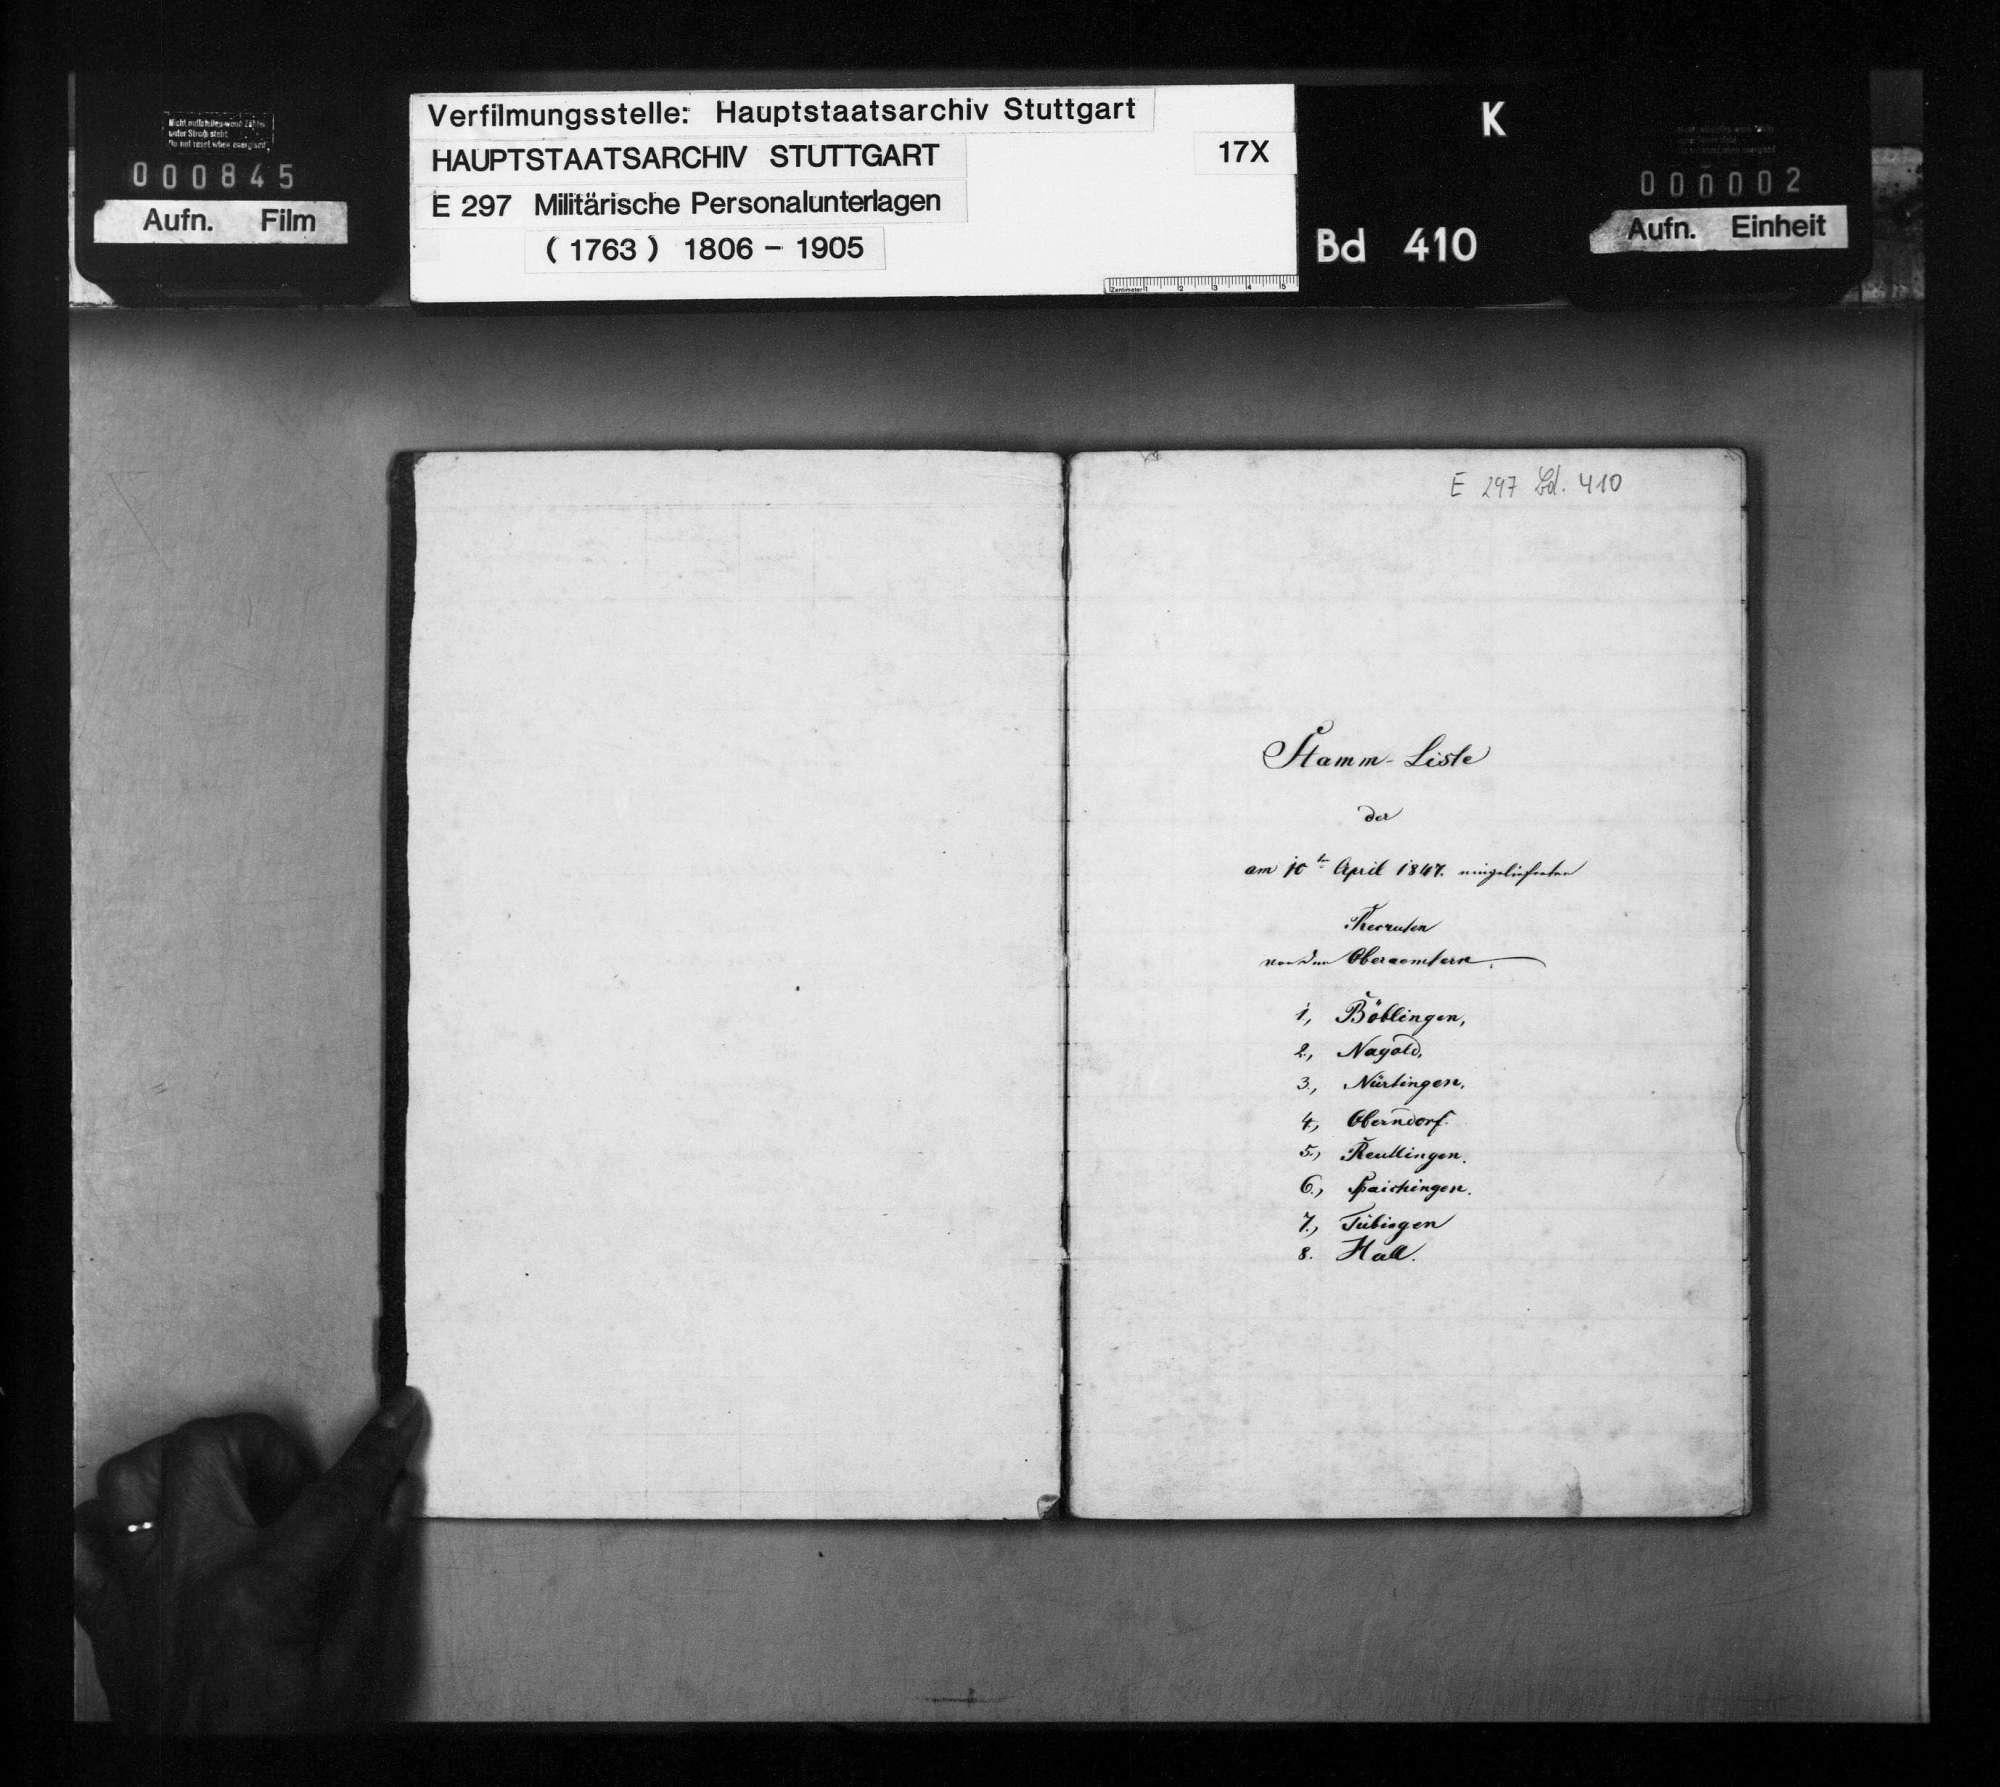 Stammliste der am 10. April 1847 beim 4. Infanterie-Regiment eingelieferten Rekruten, Bild 2